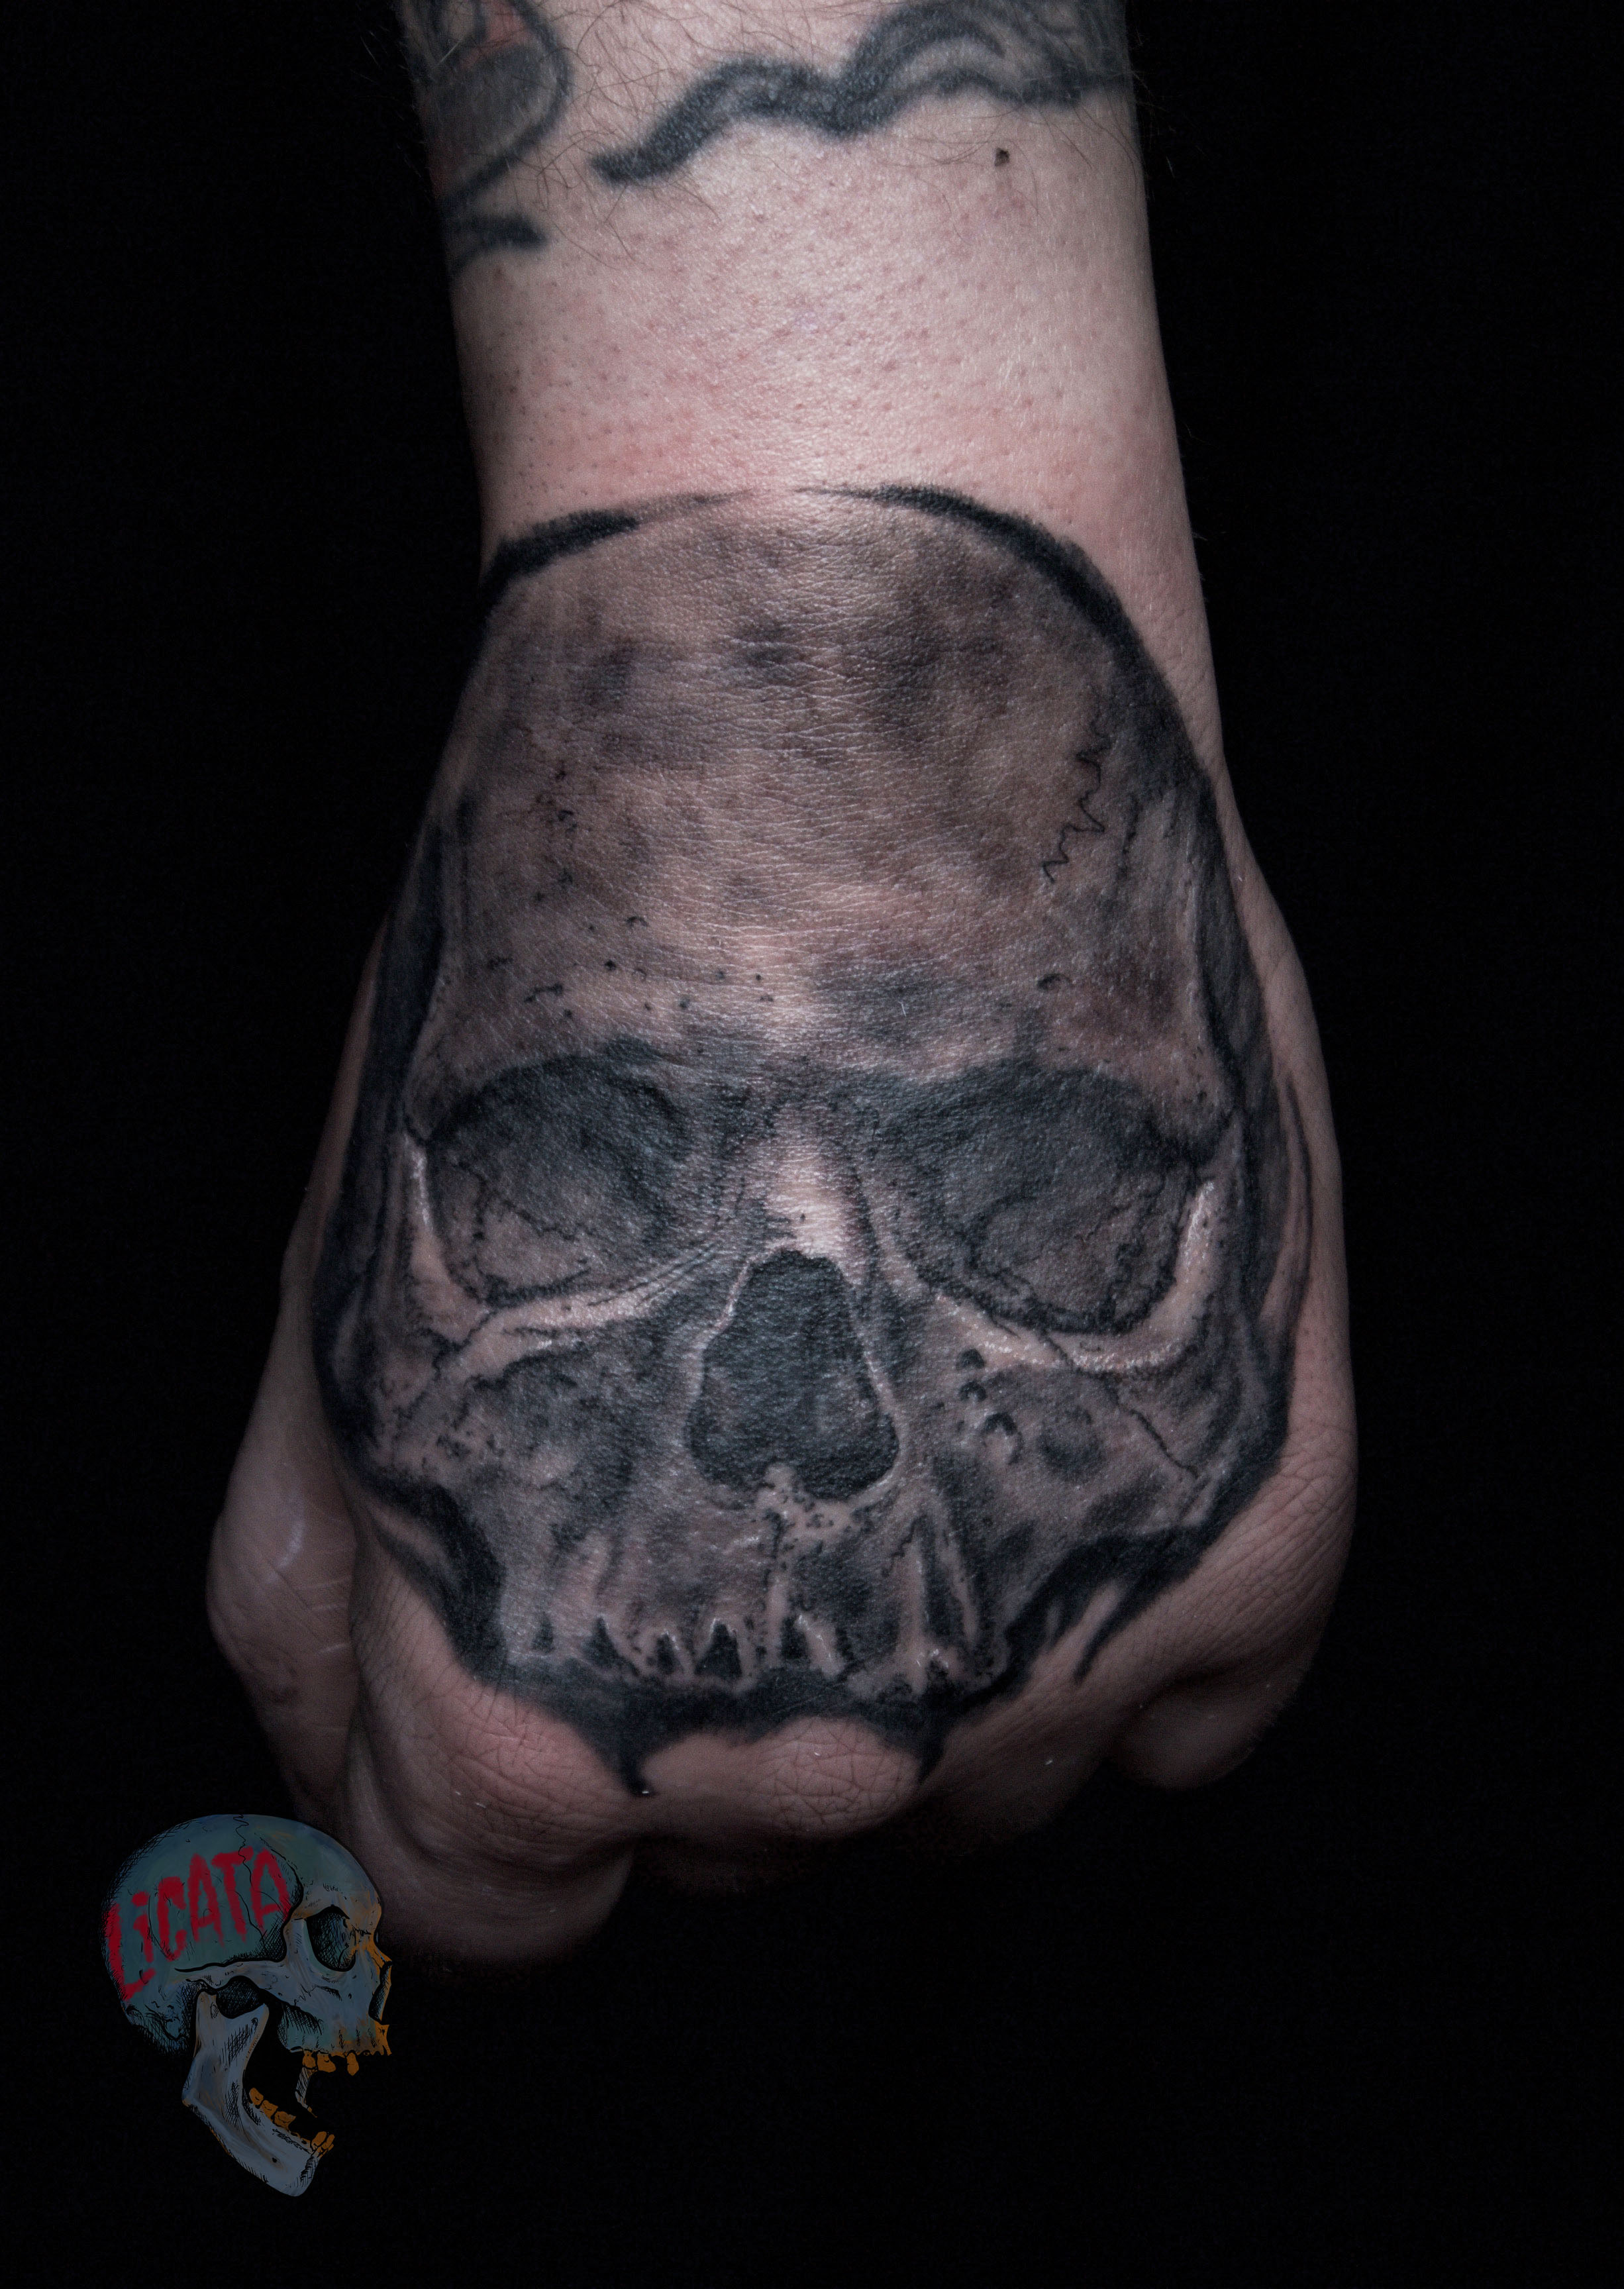 Skull_tattoo_Hand.jpg